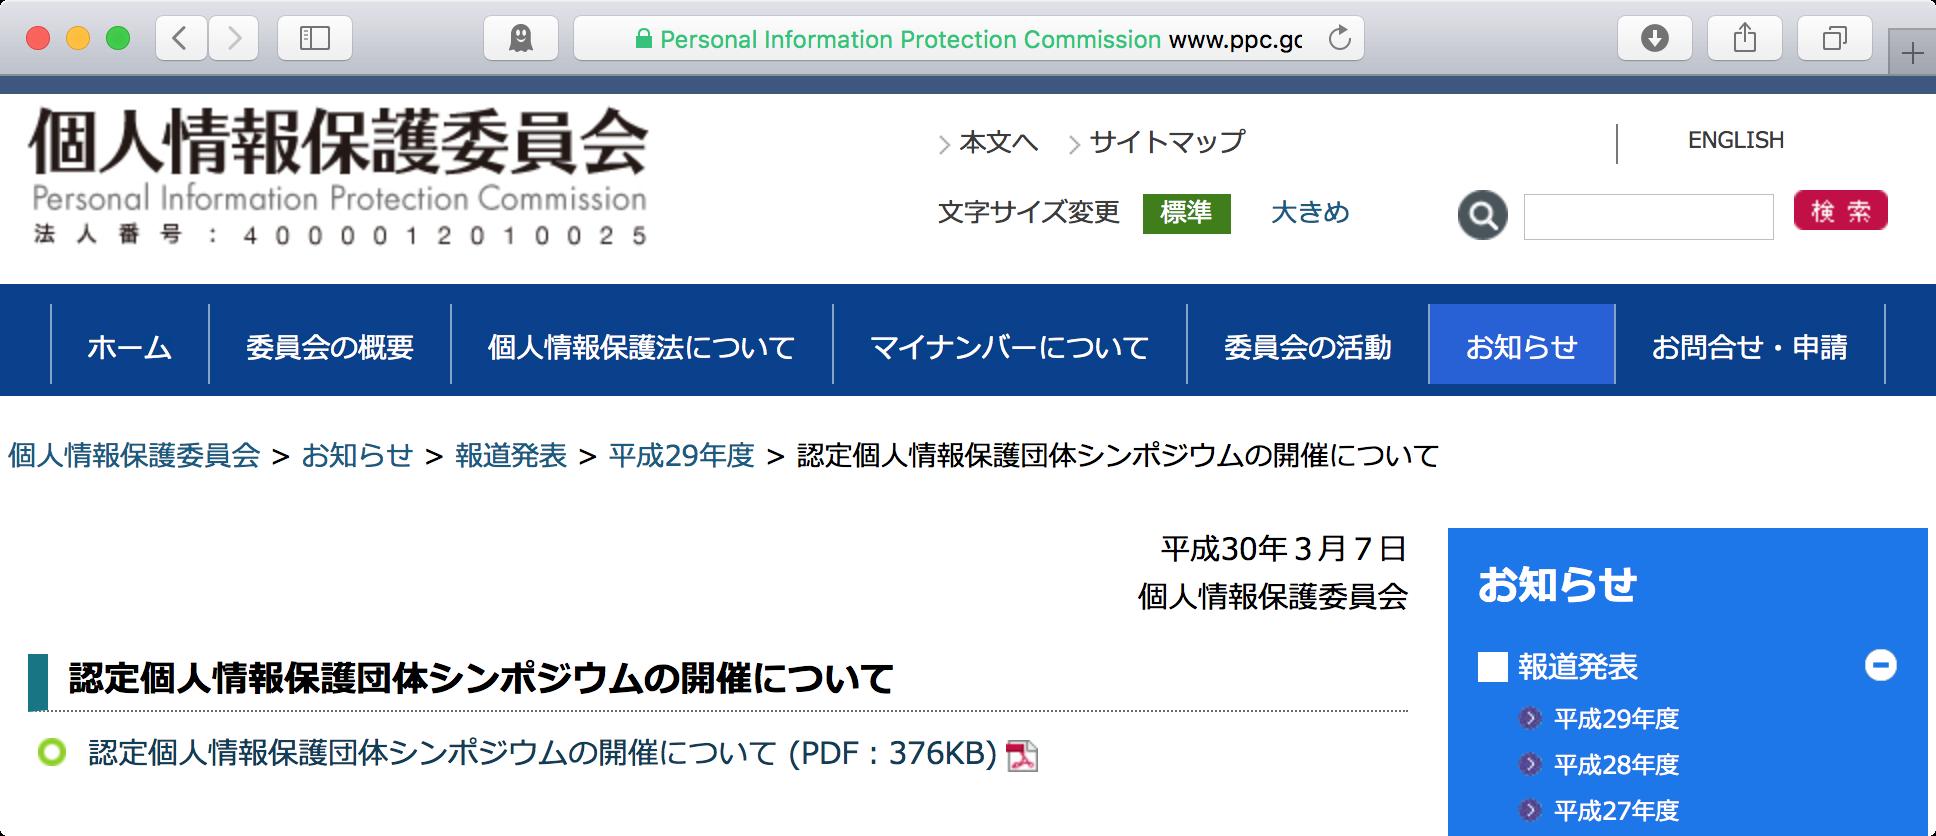 個人 情報 保護 委員 会